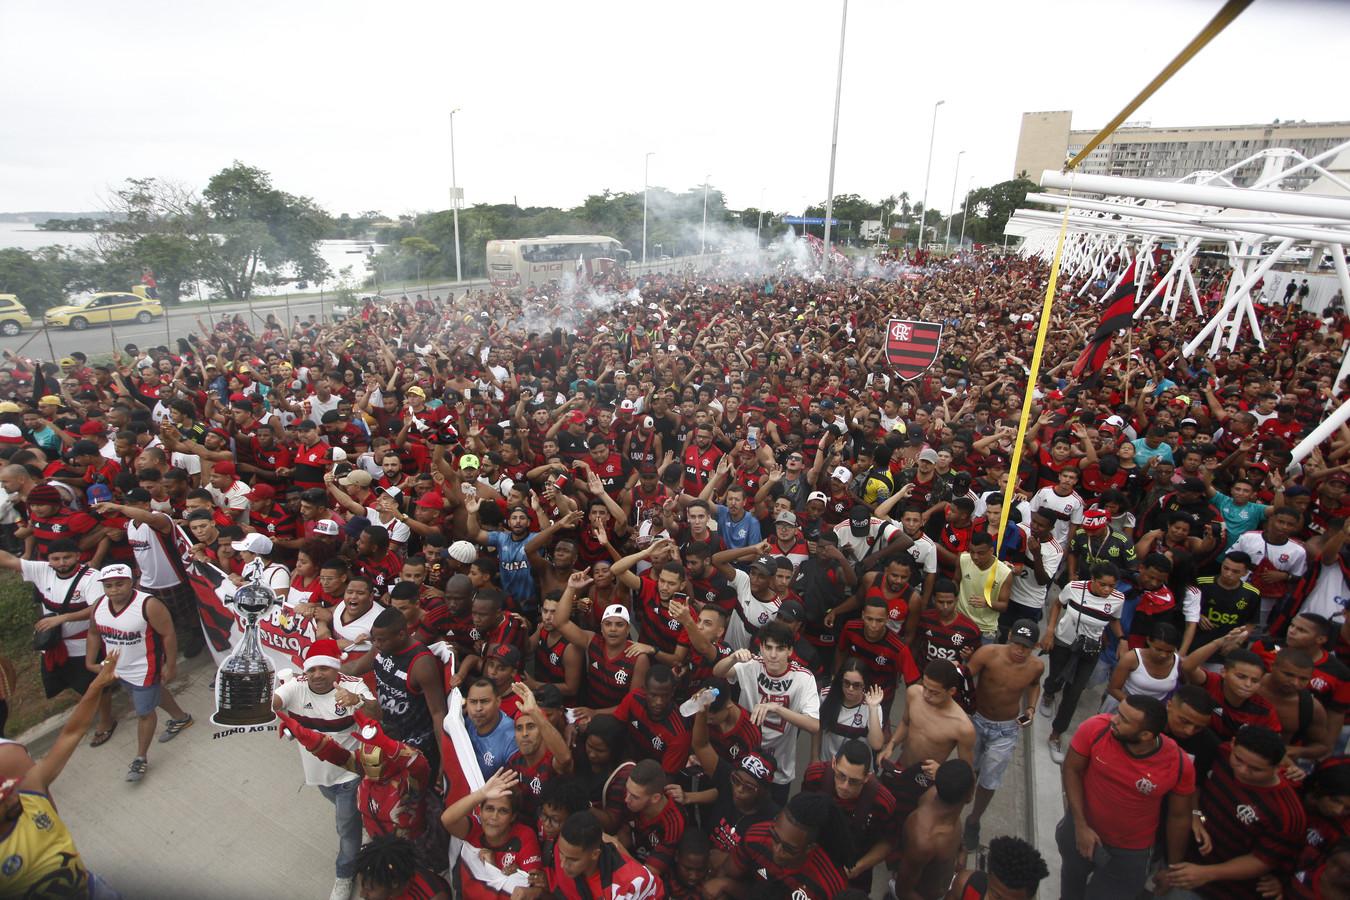 Tienduizend fans van Flamengo zwaaiden de spelers gisteren uit bij het vliegveld in Rio de Janeiro.